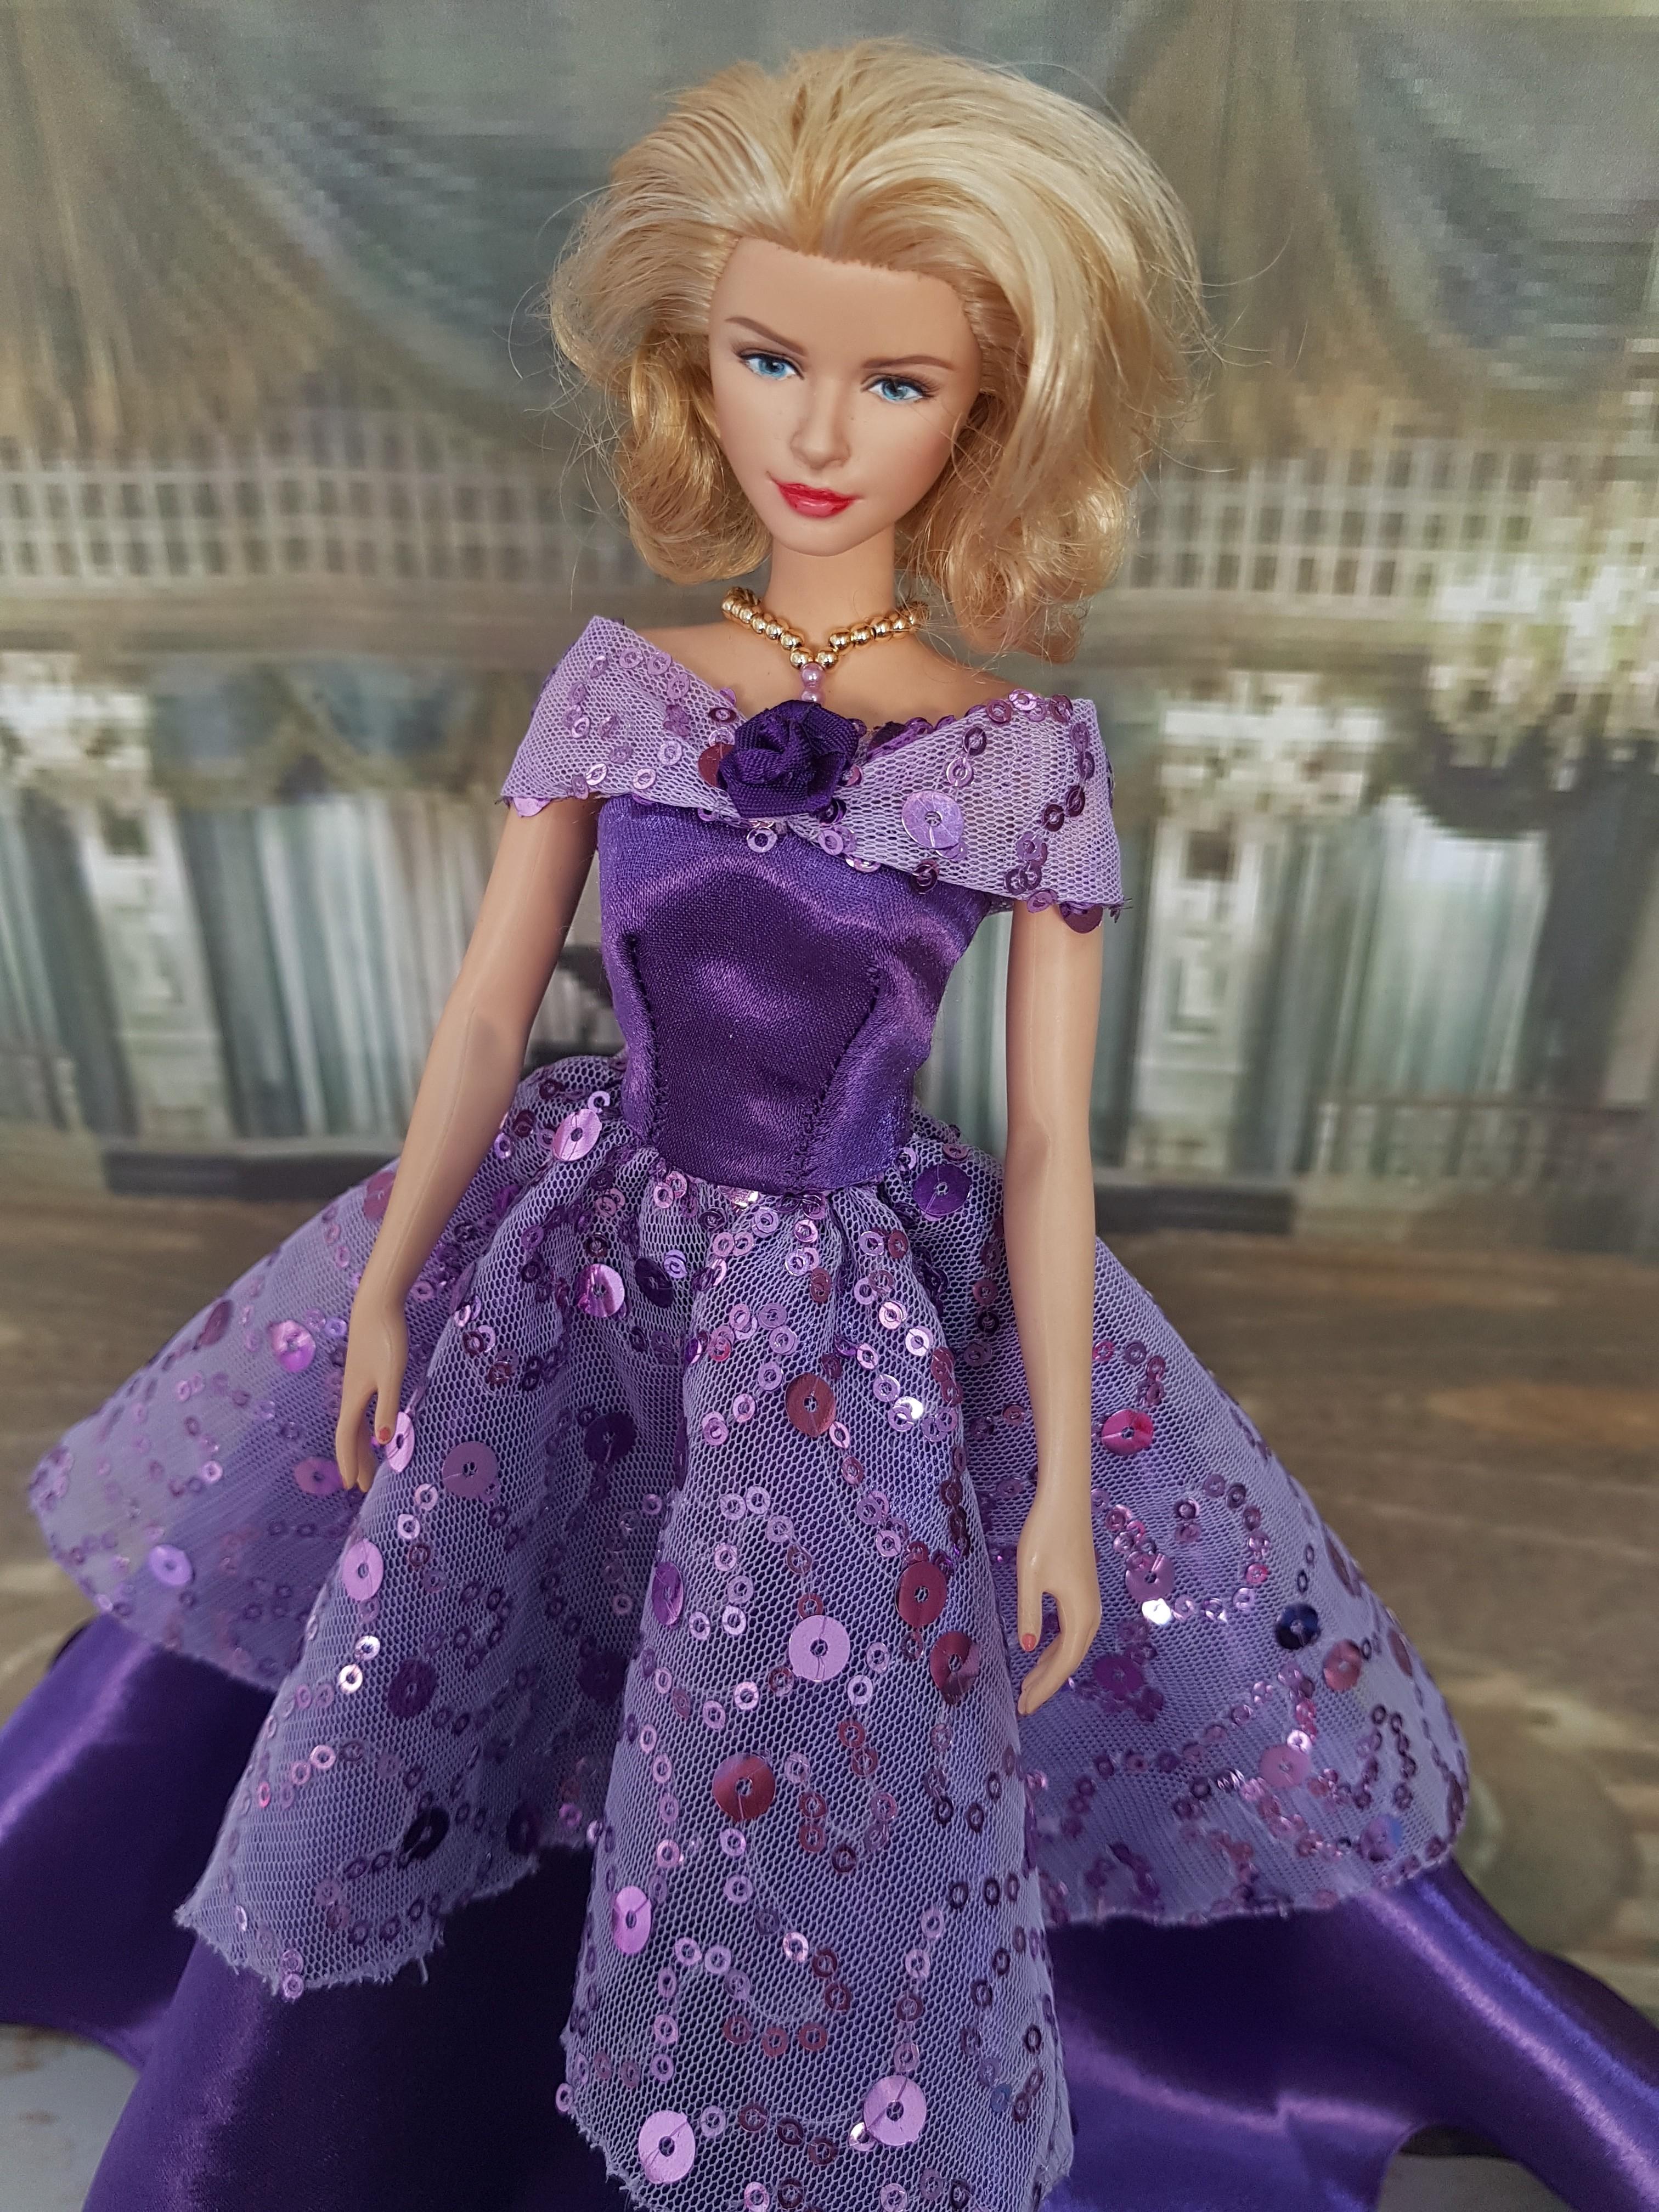 Evening Dresses For Barbie Dolls Archives Hillegonda S